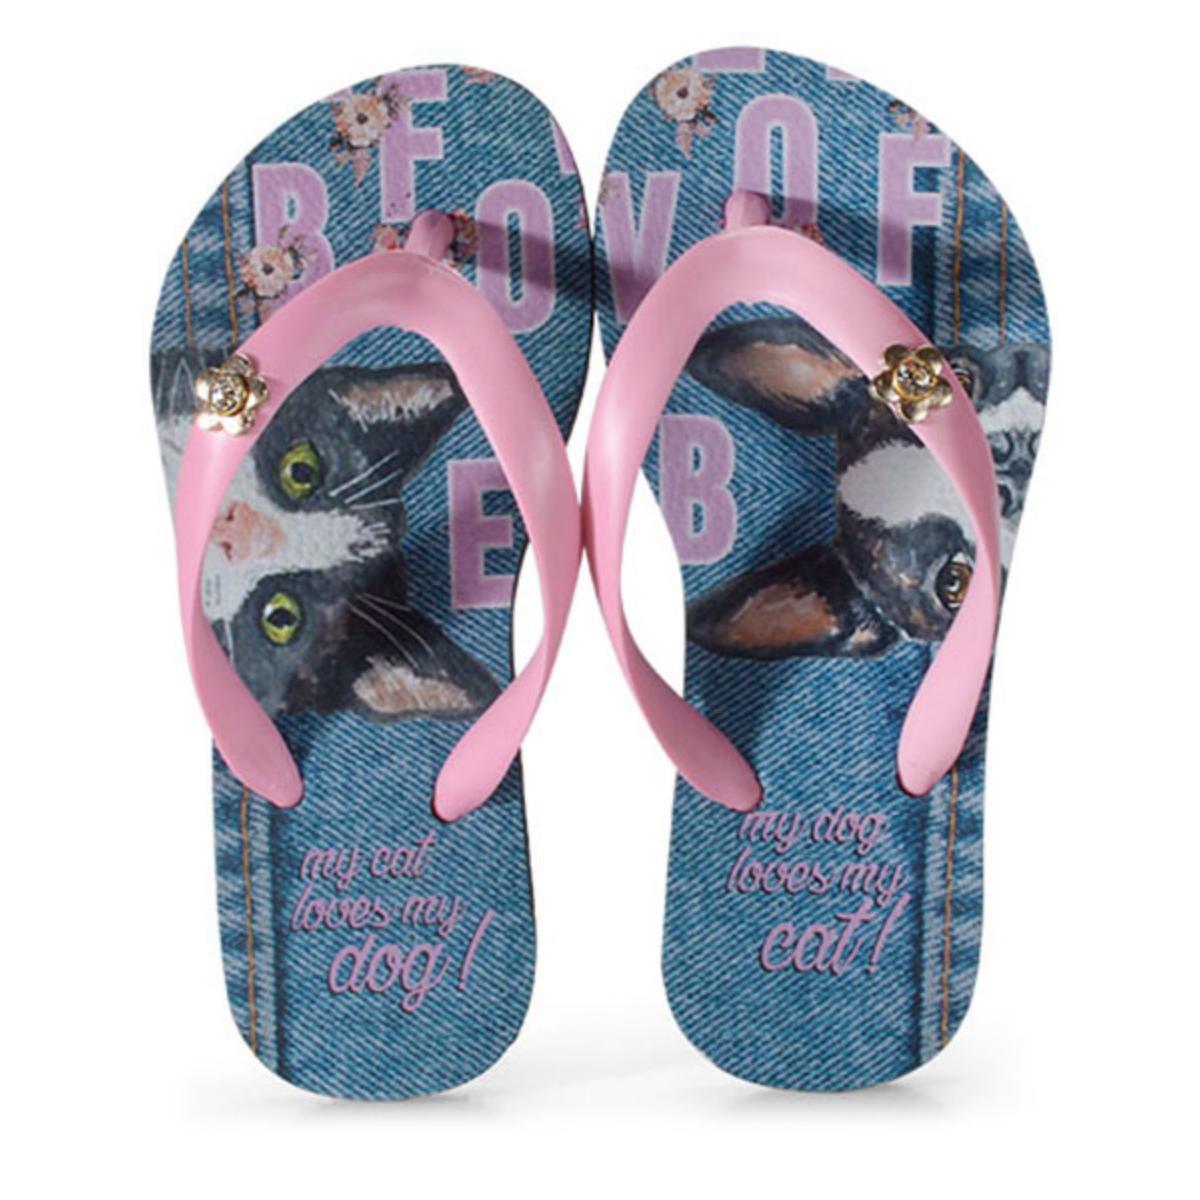 Chinelo Feminino Rafitthy 118.01701 Cat Dog Jeans Rosa/azul